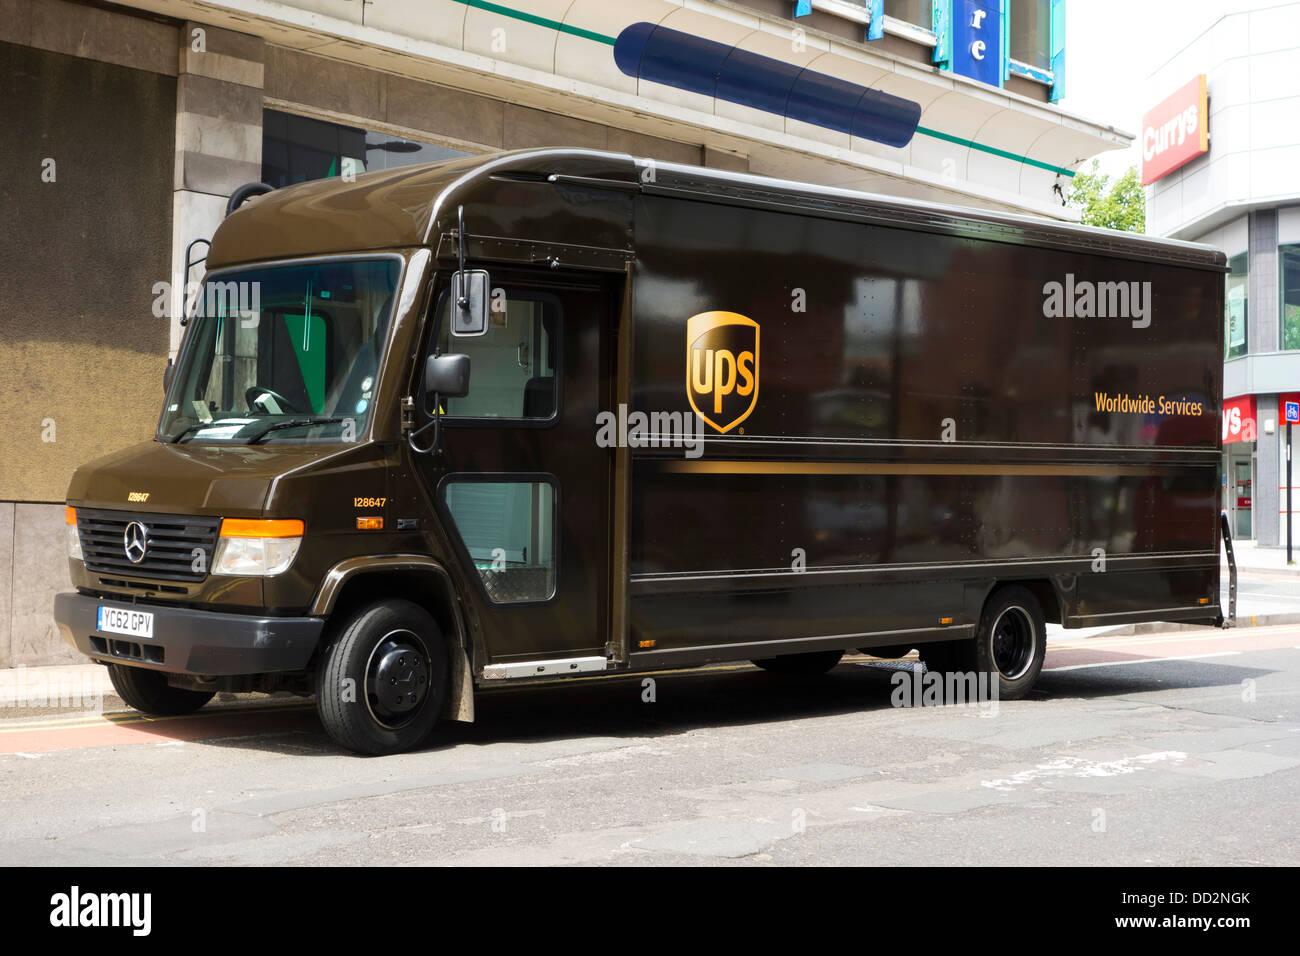 Un camion de livraison d'UPS au Royaume-Uni. Photo Stock